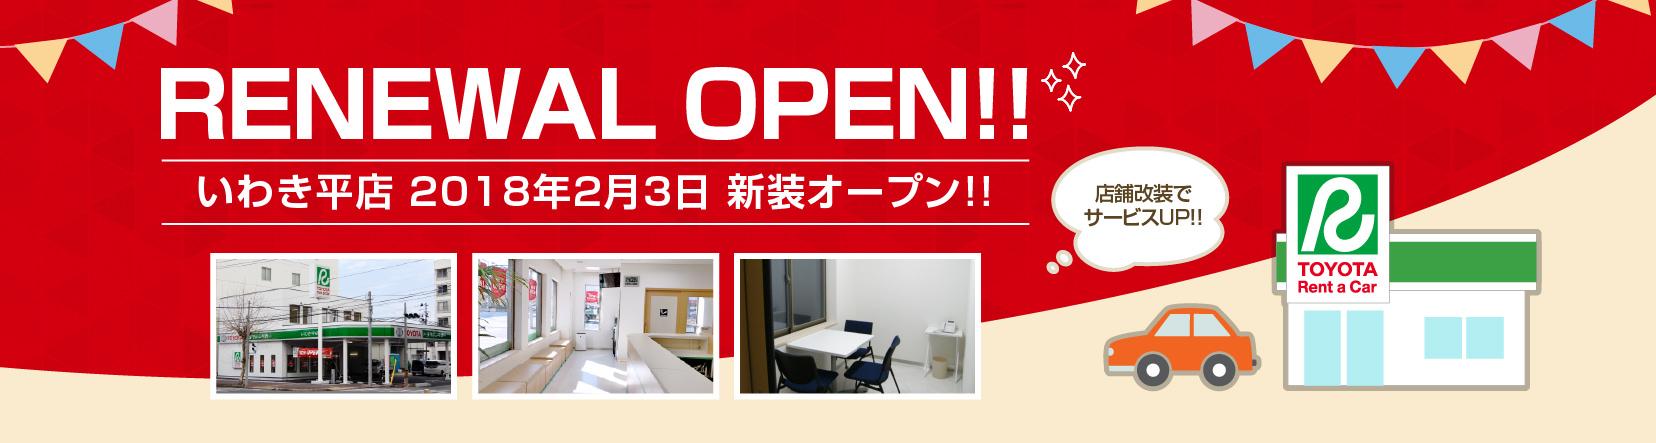 トヨタレンタリース福島 いわき平店 リニューアルオープン!